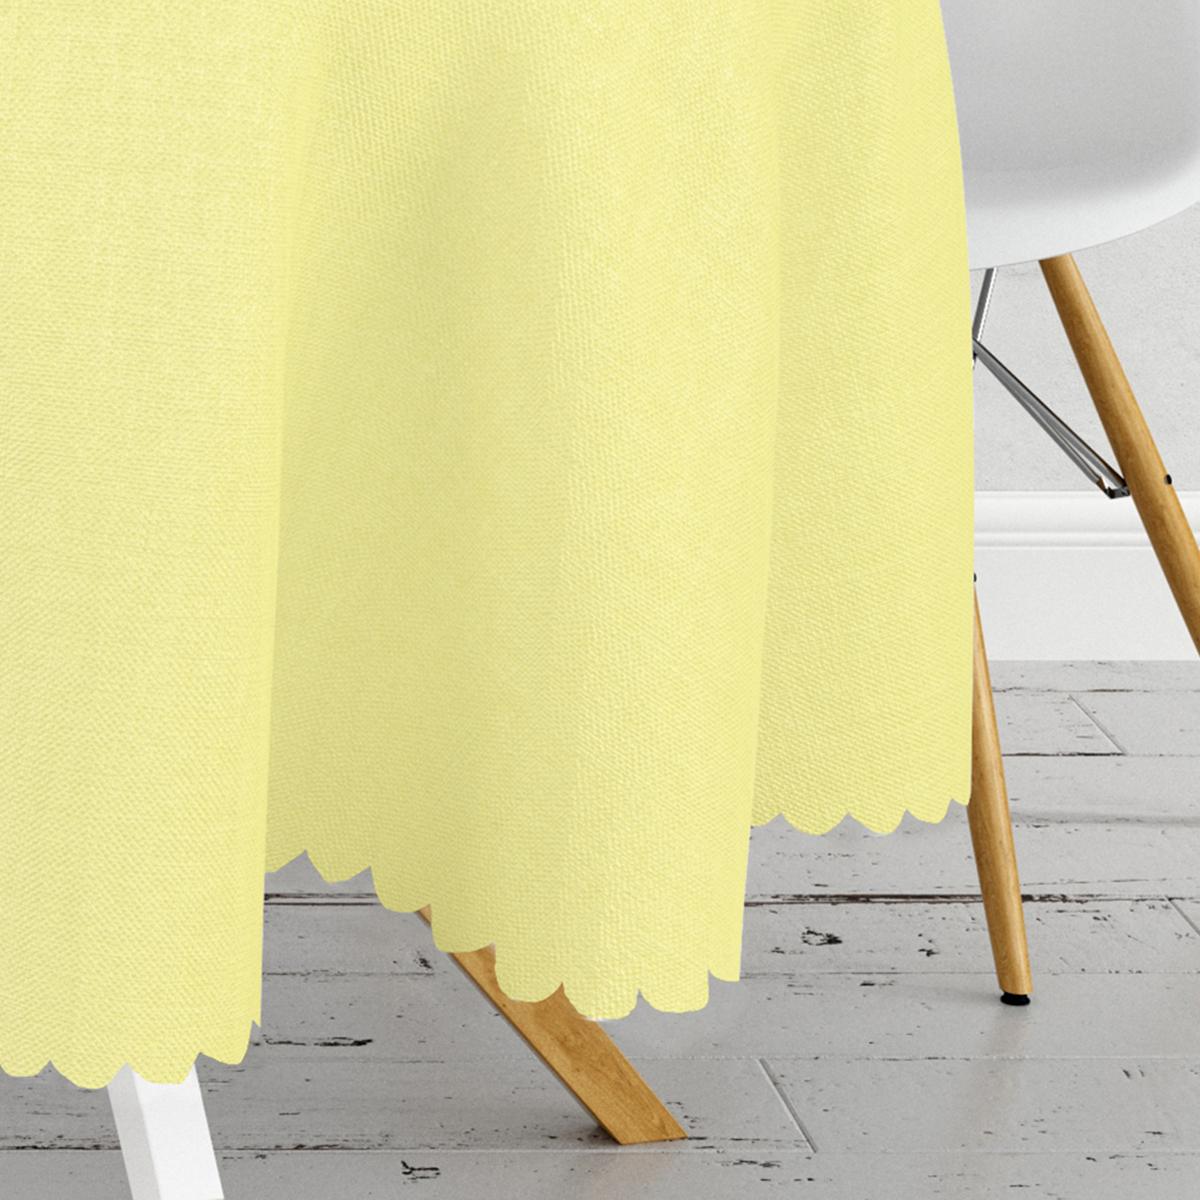 Sarı Renkli Dijital Baskılı Yuvarlak Masa Örtüsü - Çap 140cm Realhomes